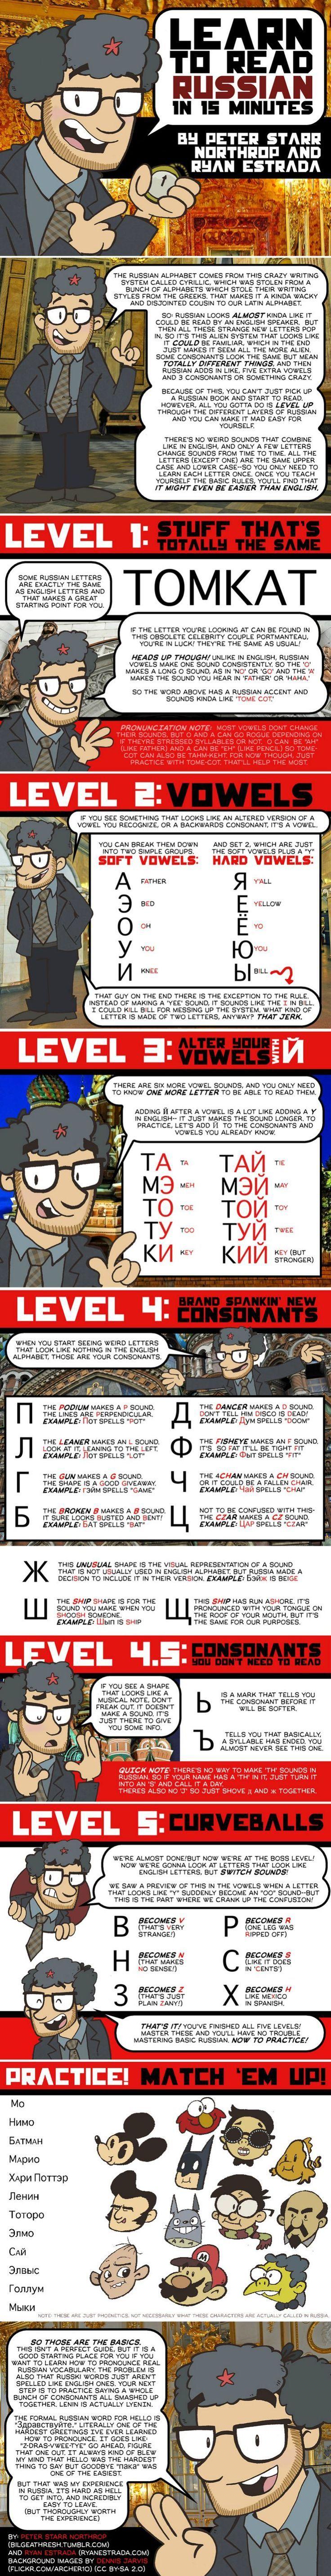 Русский язык считается сложным для изучения. Но вот как предлагают научиться читать на русском в инфографике на английском языке, и всего за 15 минут :) Что же, читать — не знать или хотя бы понимать )) #инфографика #чтение #русский